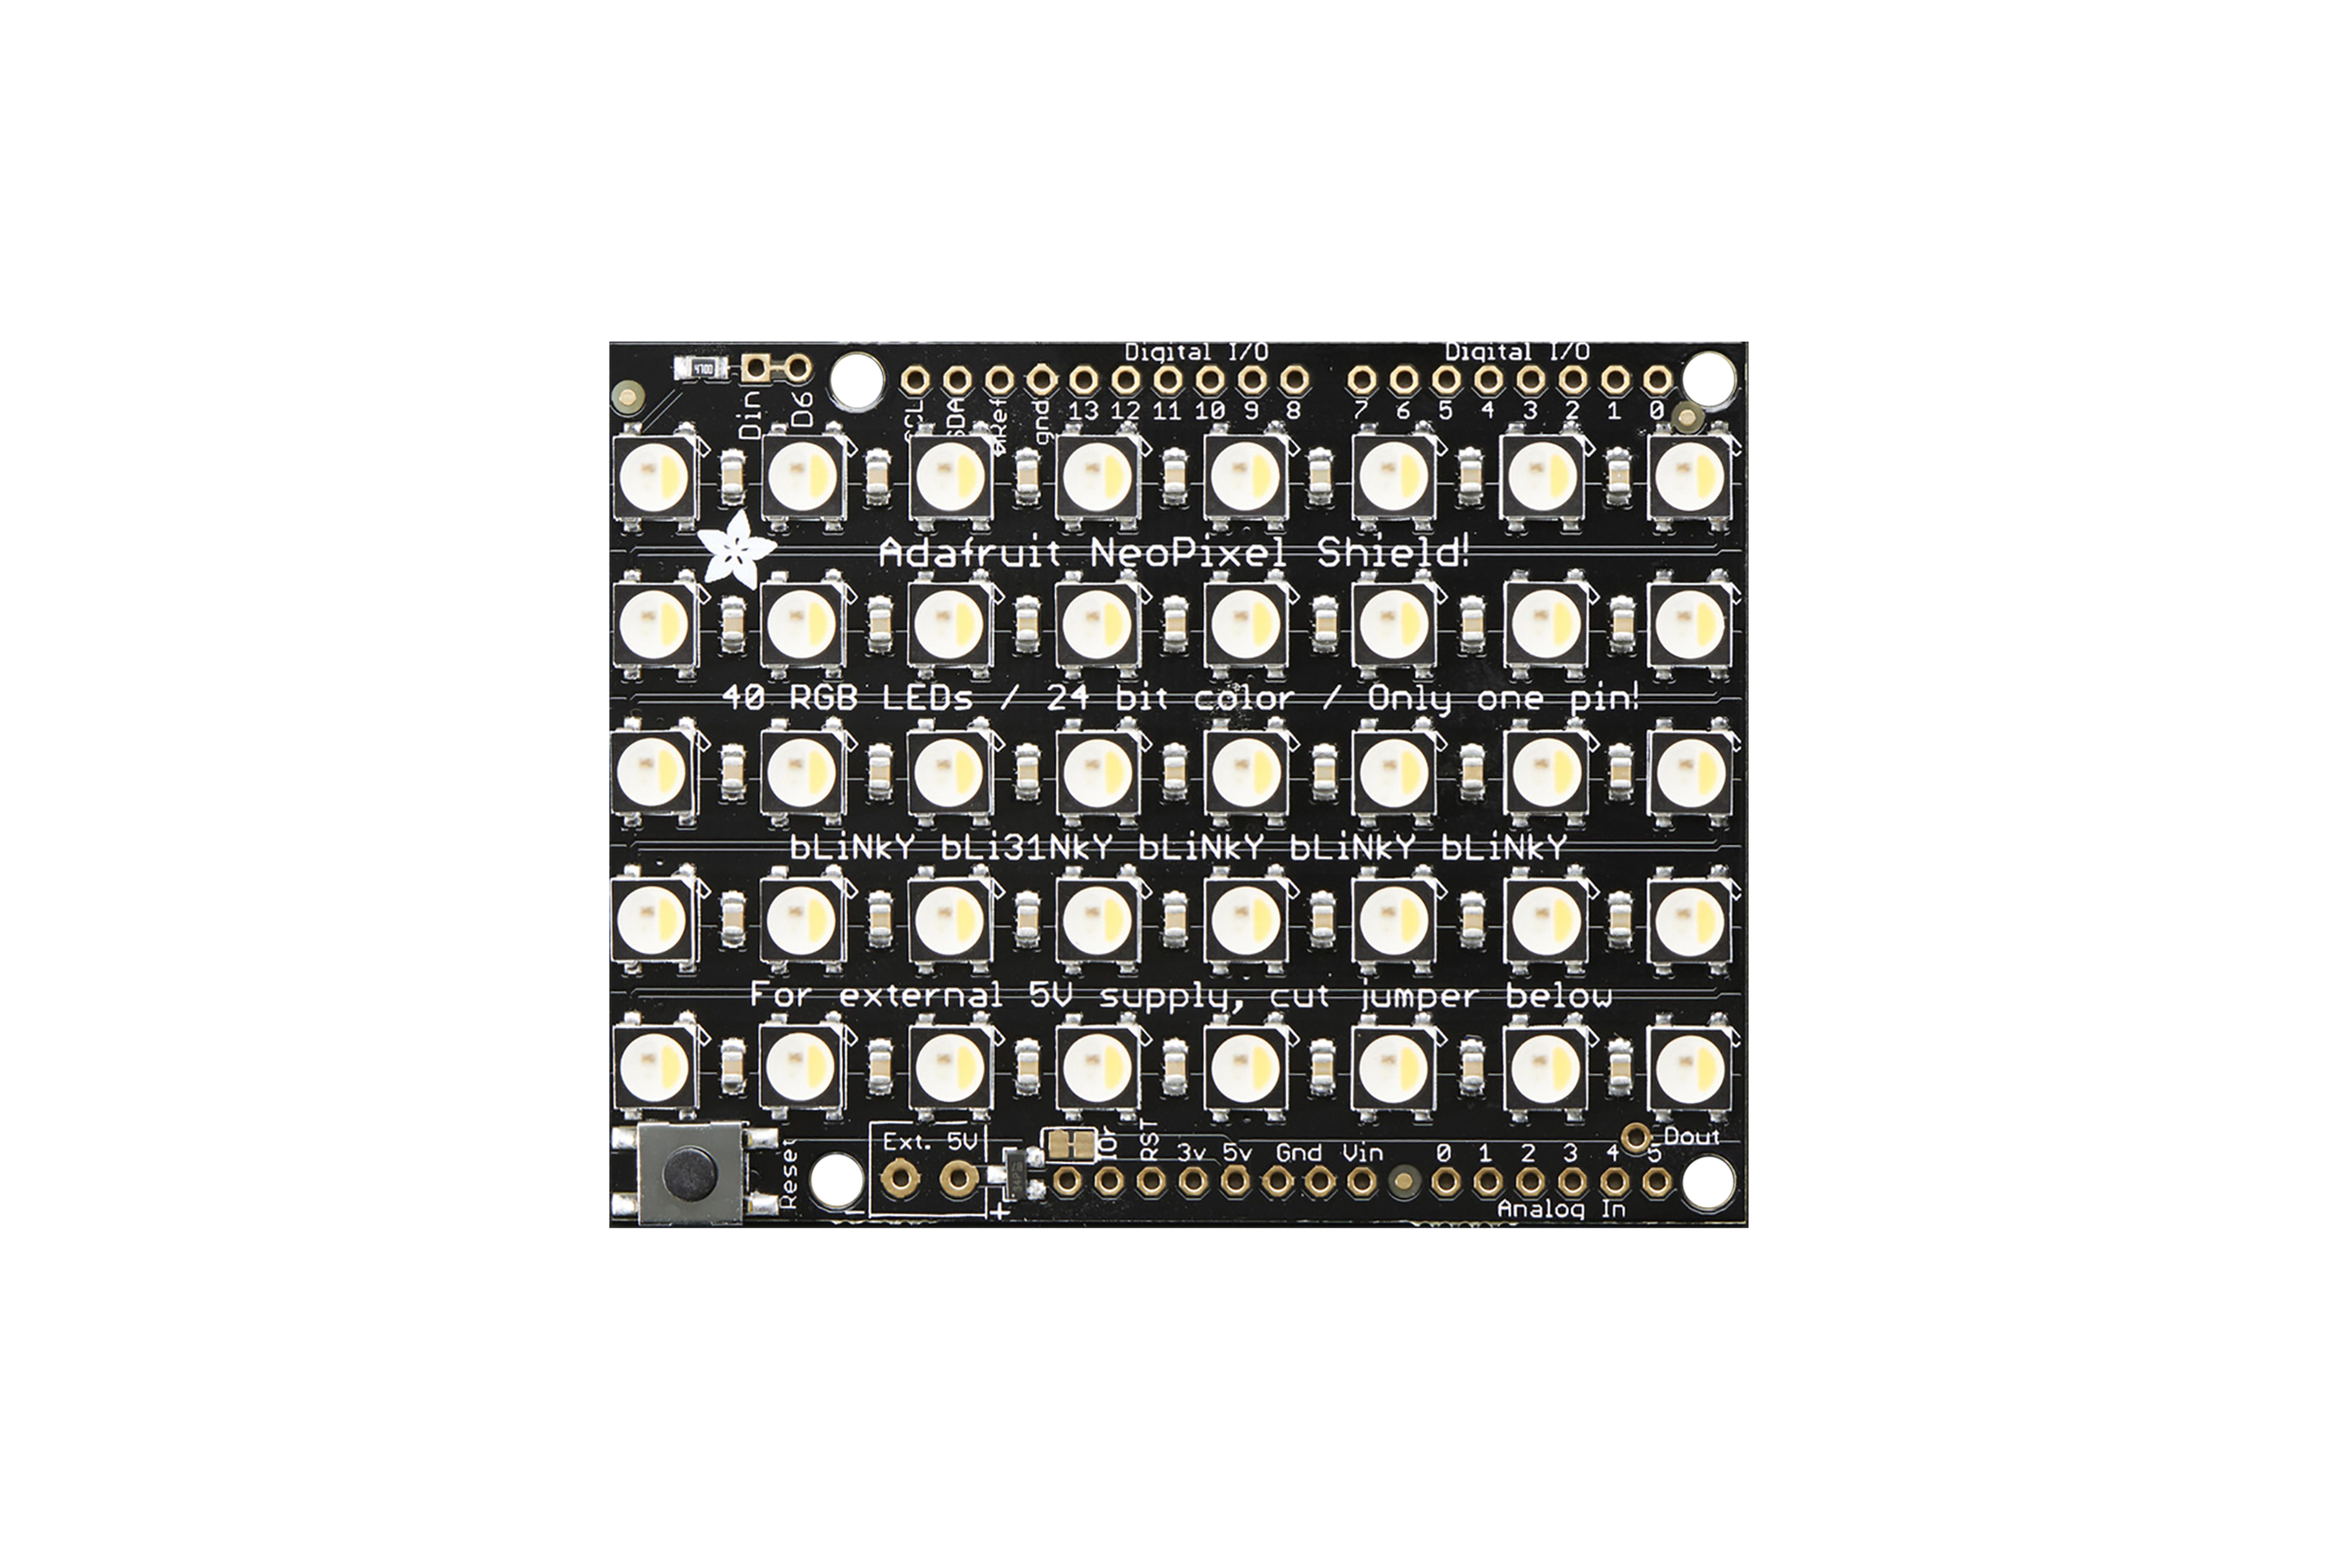 NEOPIXEL SHIELD 40 RGBW LED SHIELD 3000K